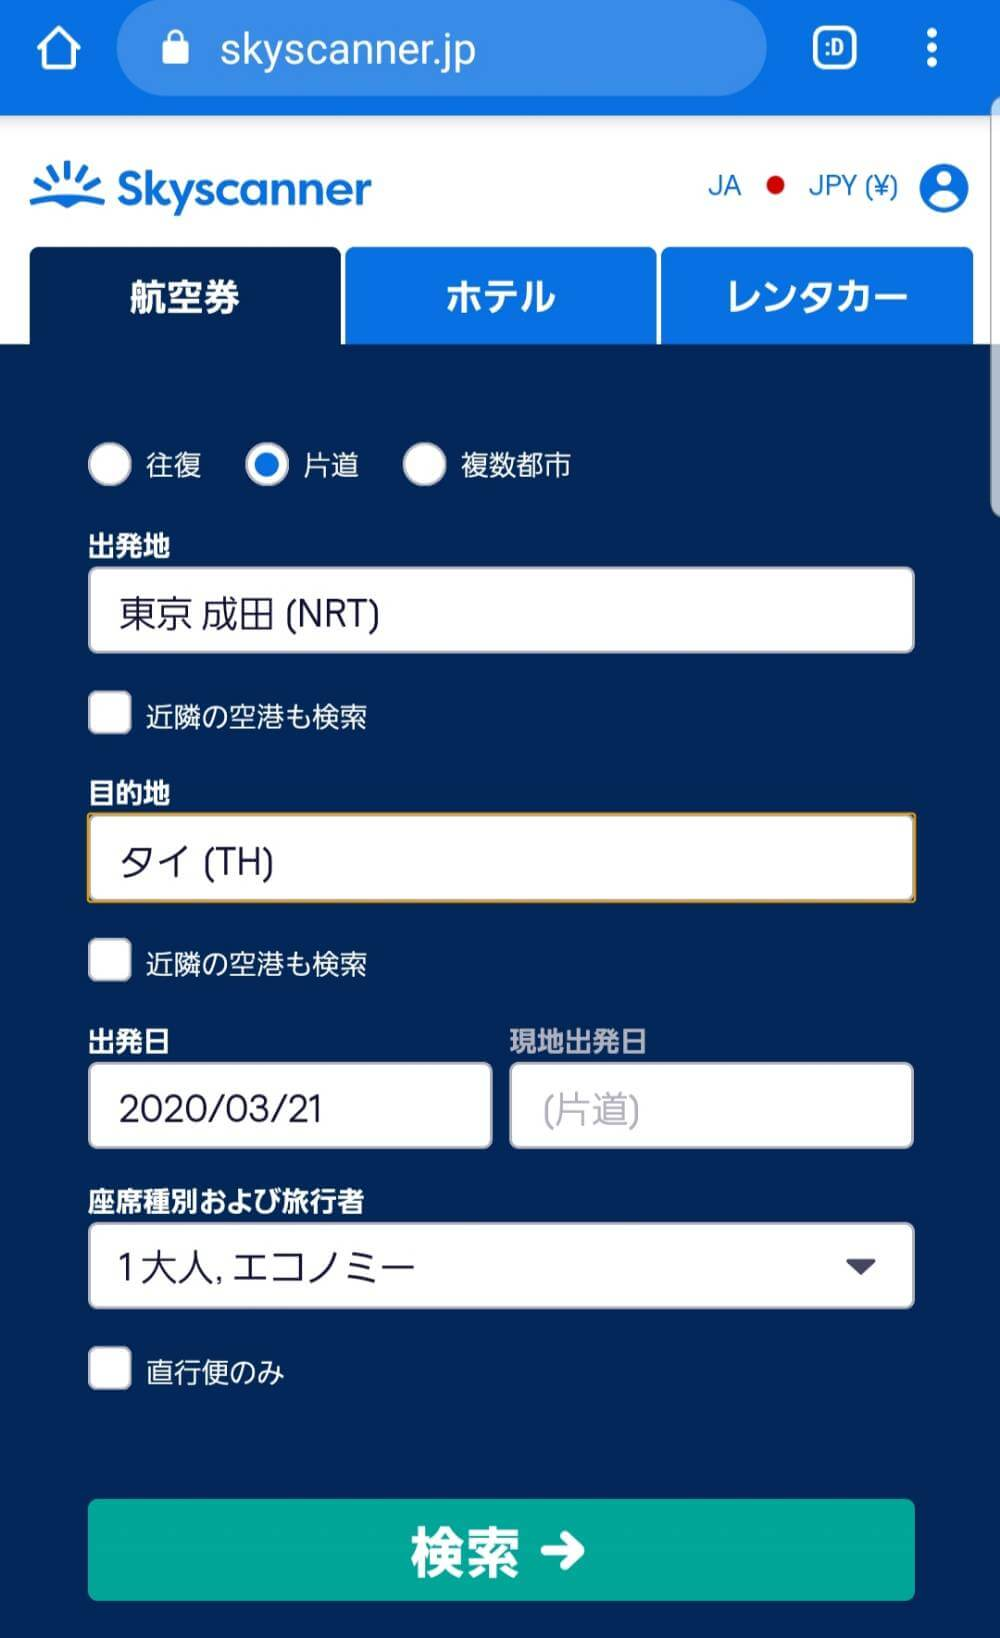 航空券の予約方法のスクリーンショット